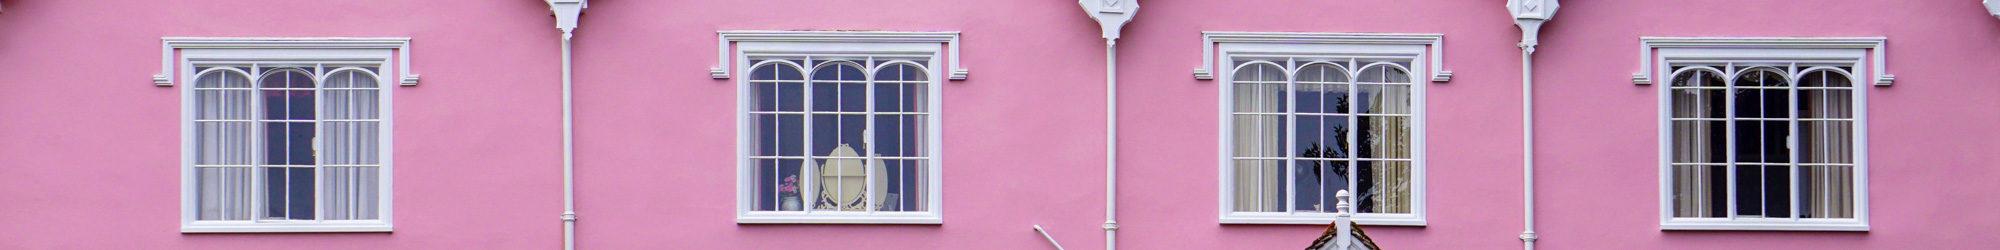 britische Fenster - wir fühlen uns heute morgen nach England versetzt